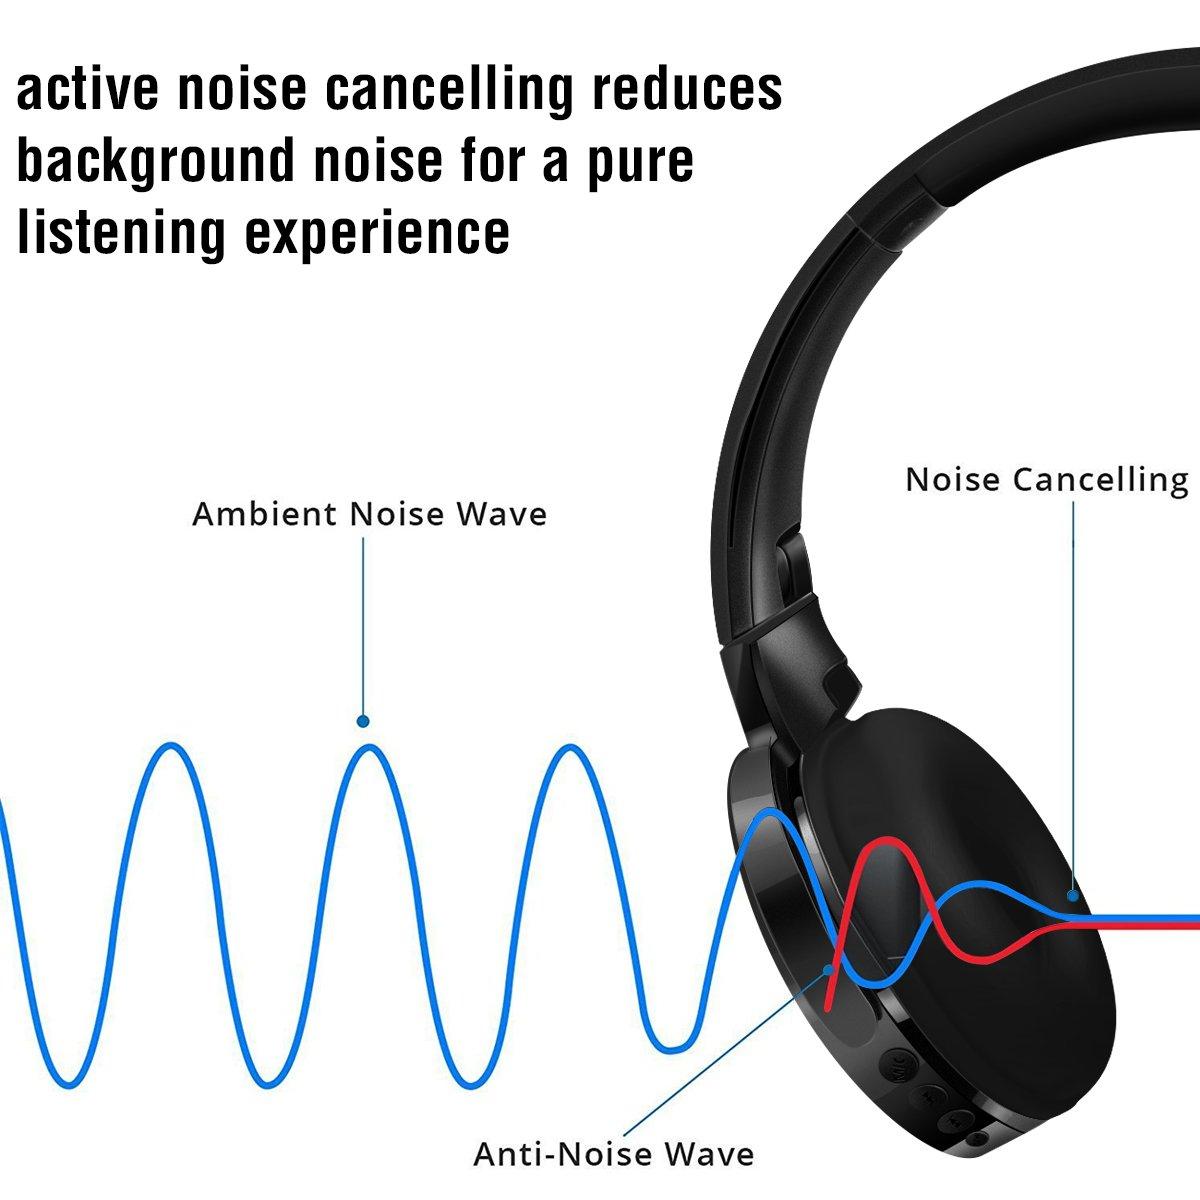 how headphones work diagram free vehicle wiring diagrams u2022 rh kaphene co Typical Computer Headphone Jack Wiring Headphone Jack Wiring